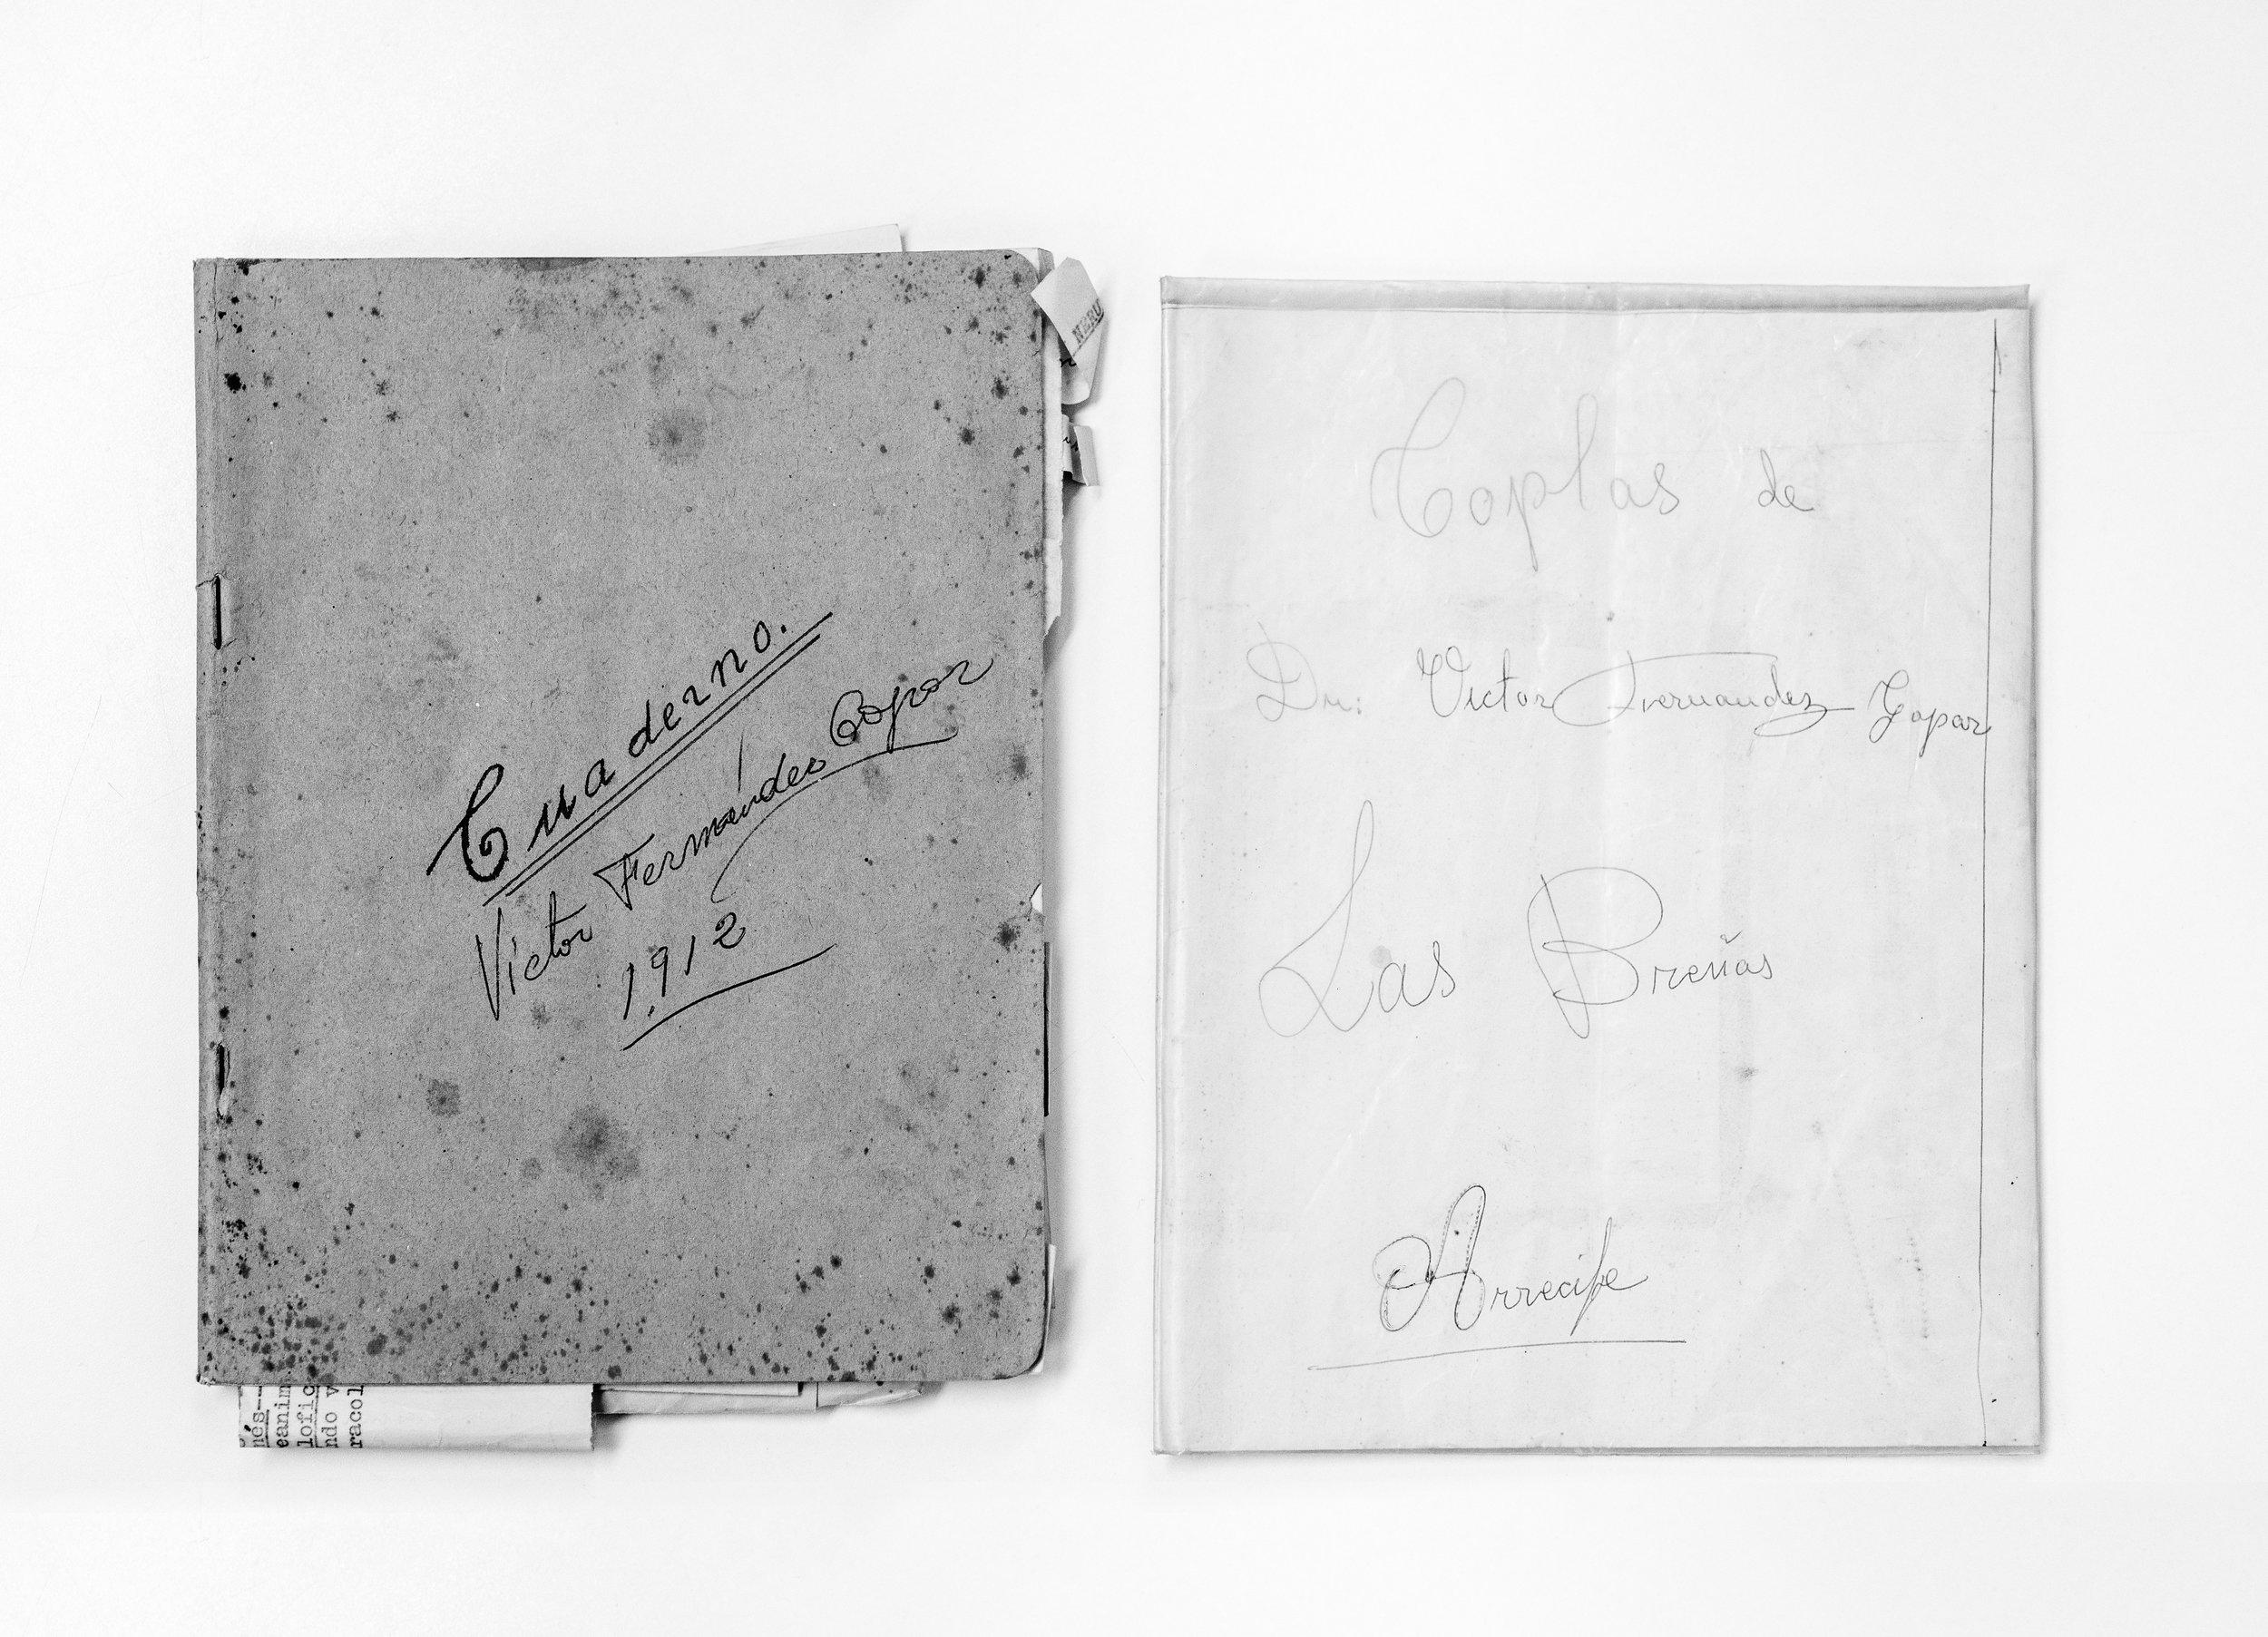 Libretas 1912 y 1966 del Fondo Agustín de la Hoz en el Archivo Municipal de Arrecife. Foto Rubén Acosta.jpg